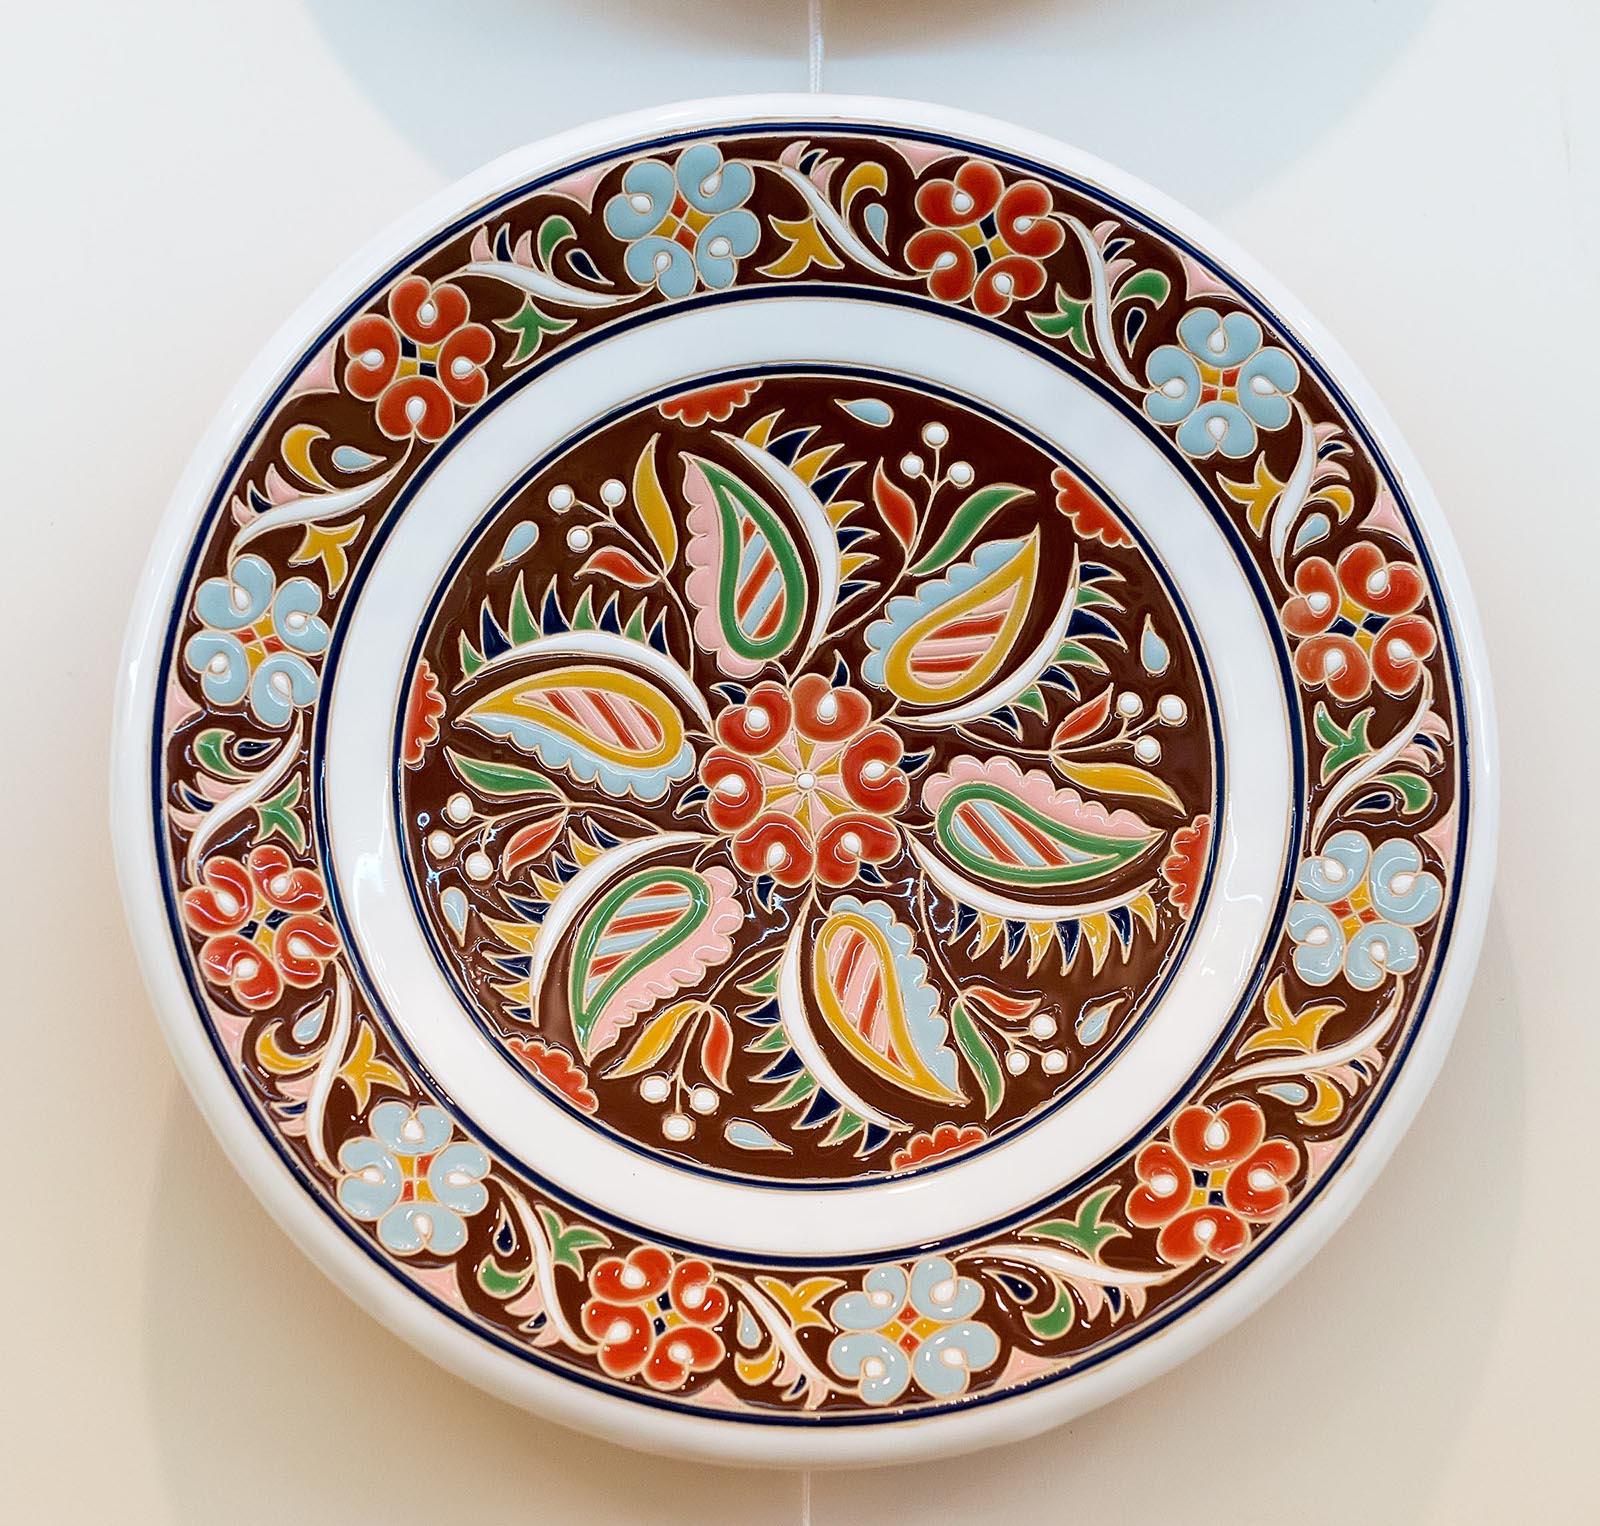 Фото №179083. Скибин Р.В.1976. Керамическое блюдо